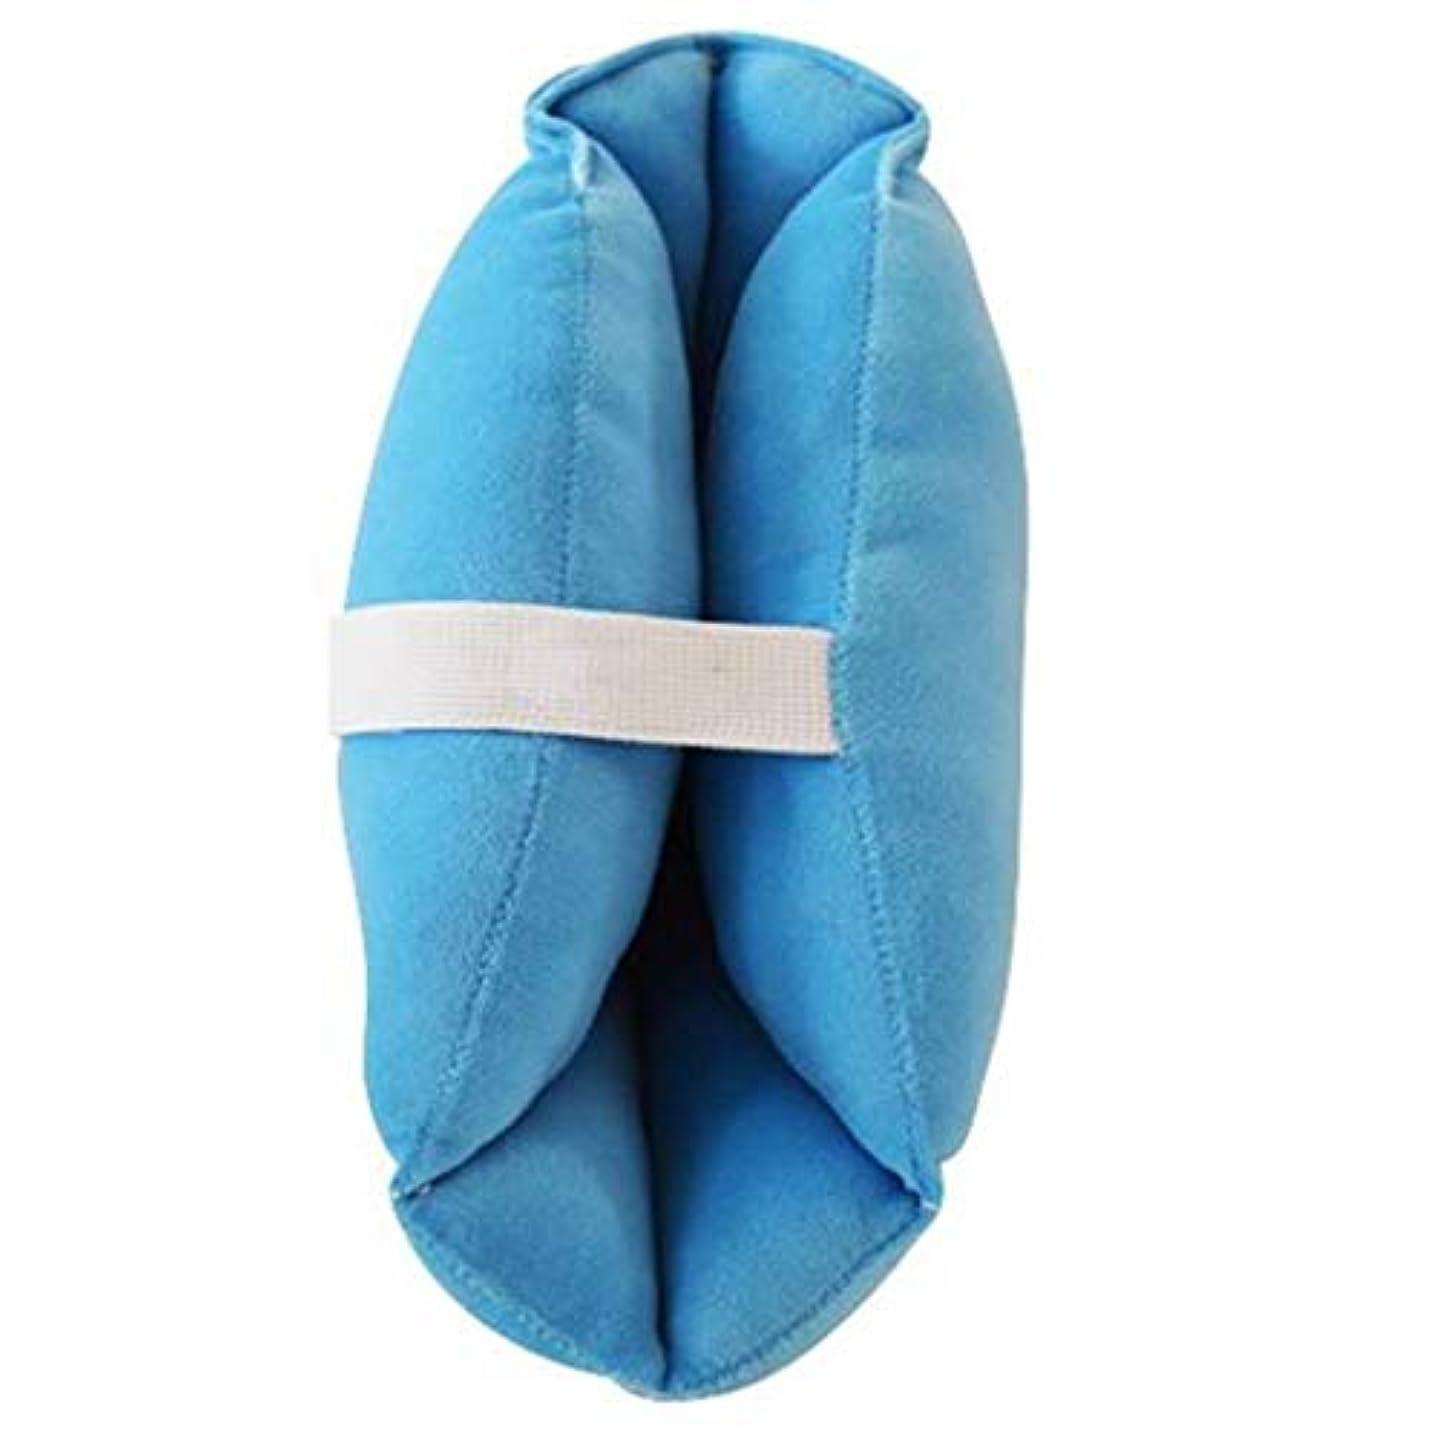 モーテル分解する勃起ソフトで快適なヒールプロテクター枕、ヒールフローティングヒールプロテクター、,瘡のためのアキレス腱プロテクター、高齢者の足矯正カバー (Color : 1pair)